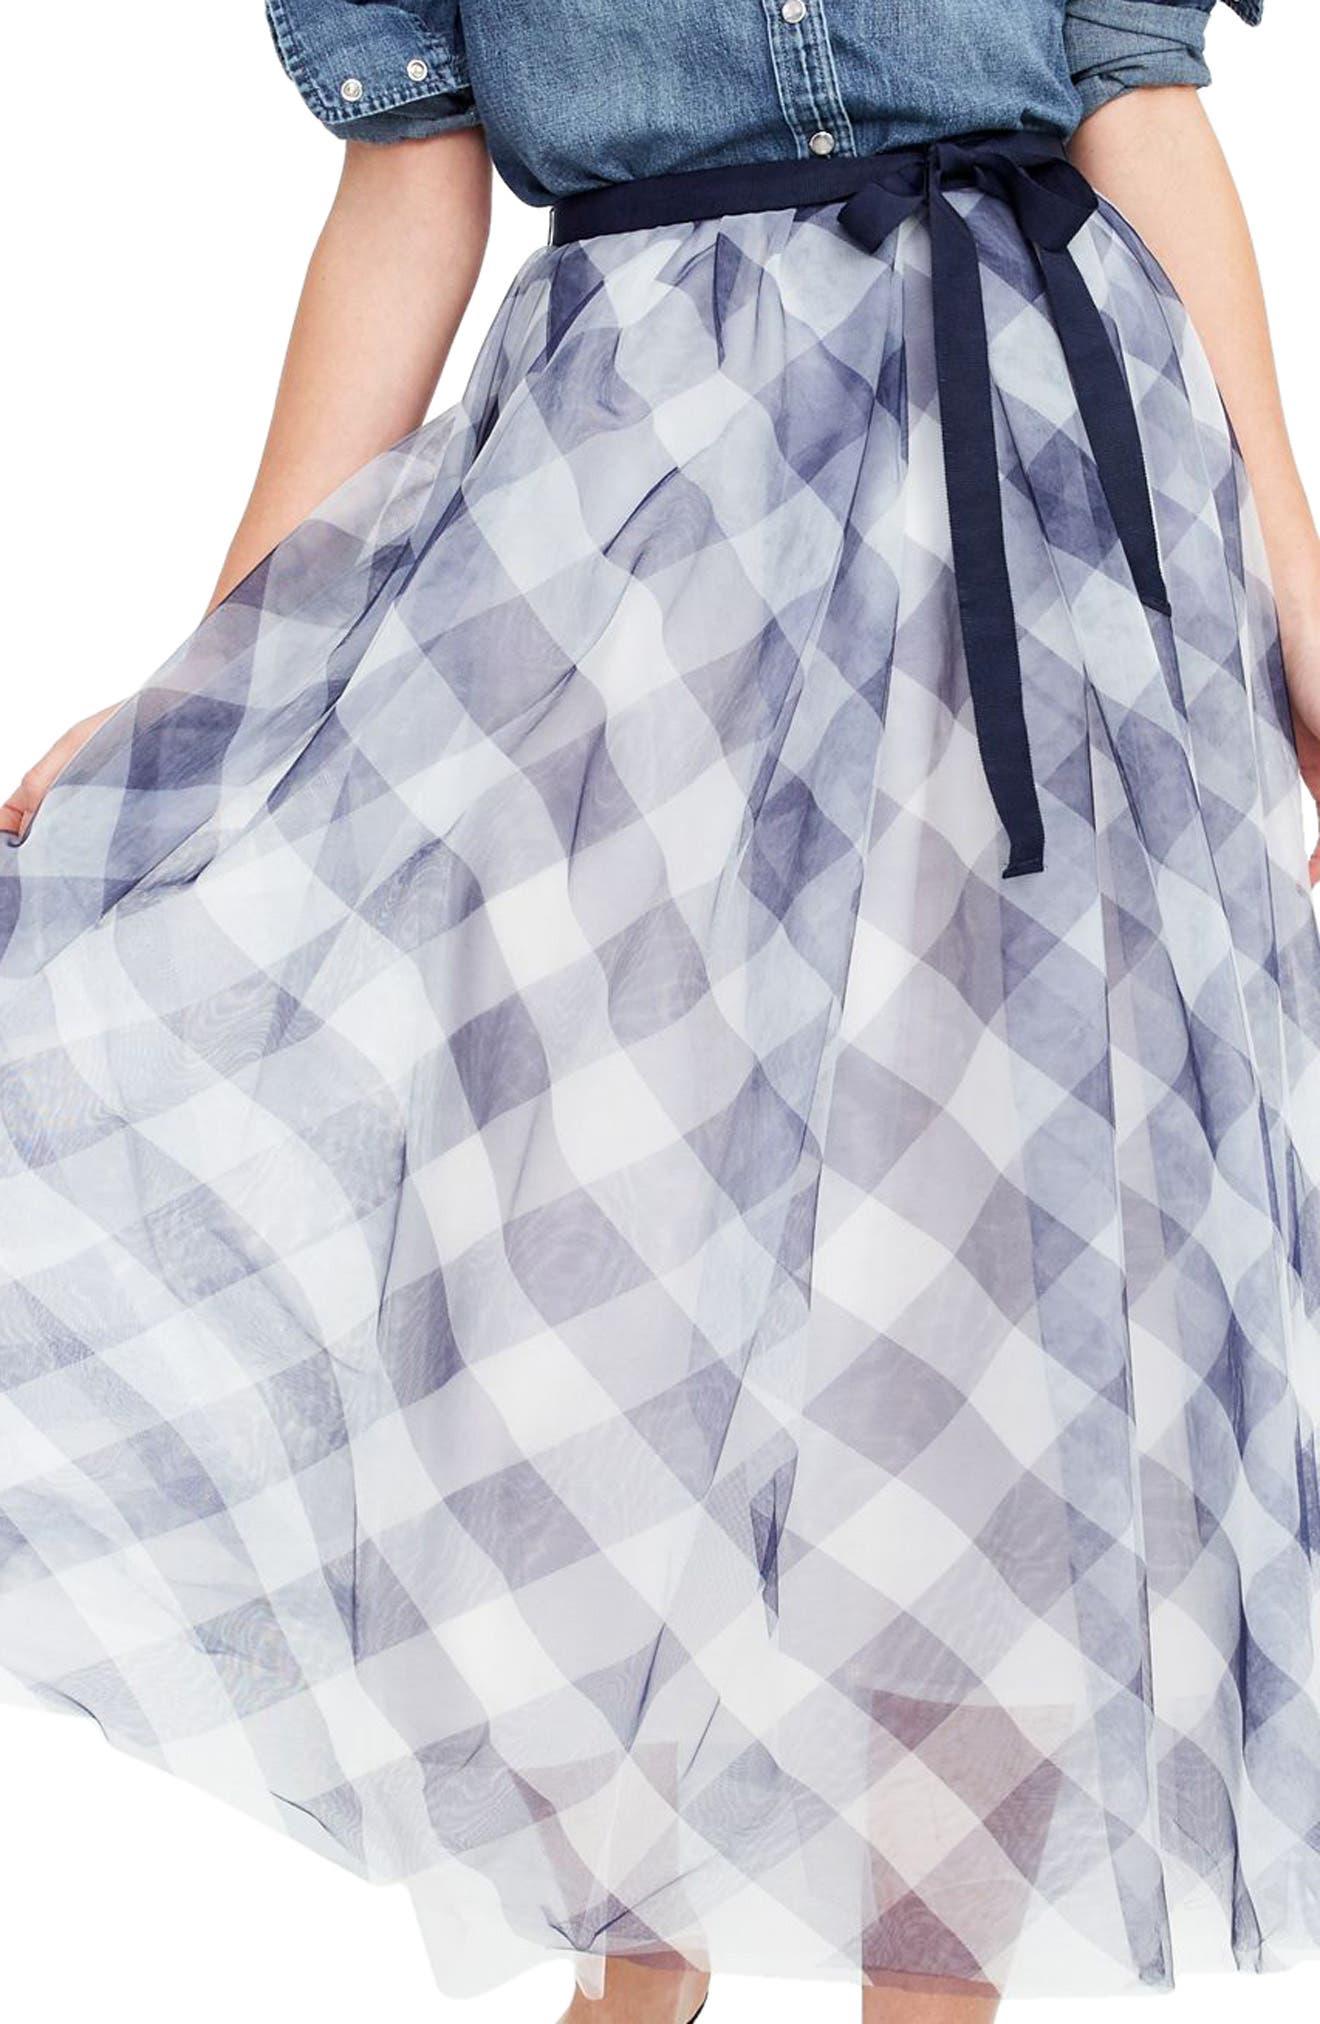 Gingham Tulle Skirt,                             Main thumbnail 1, color,